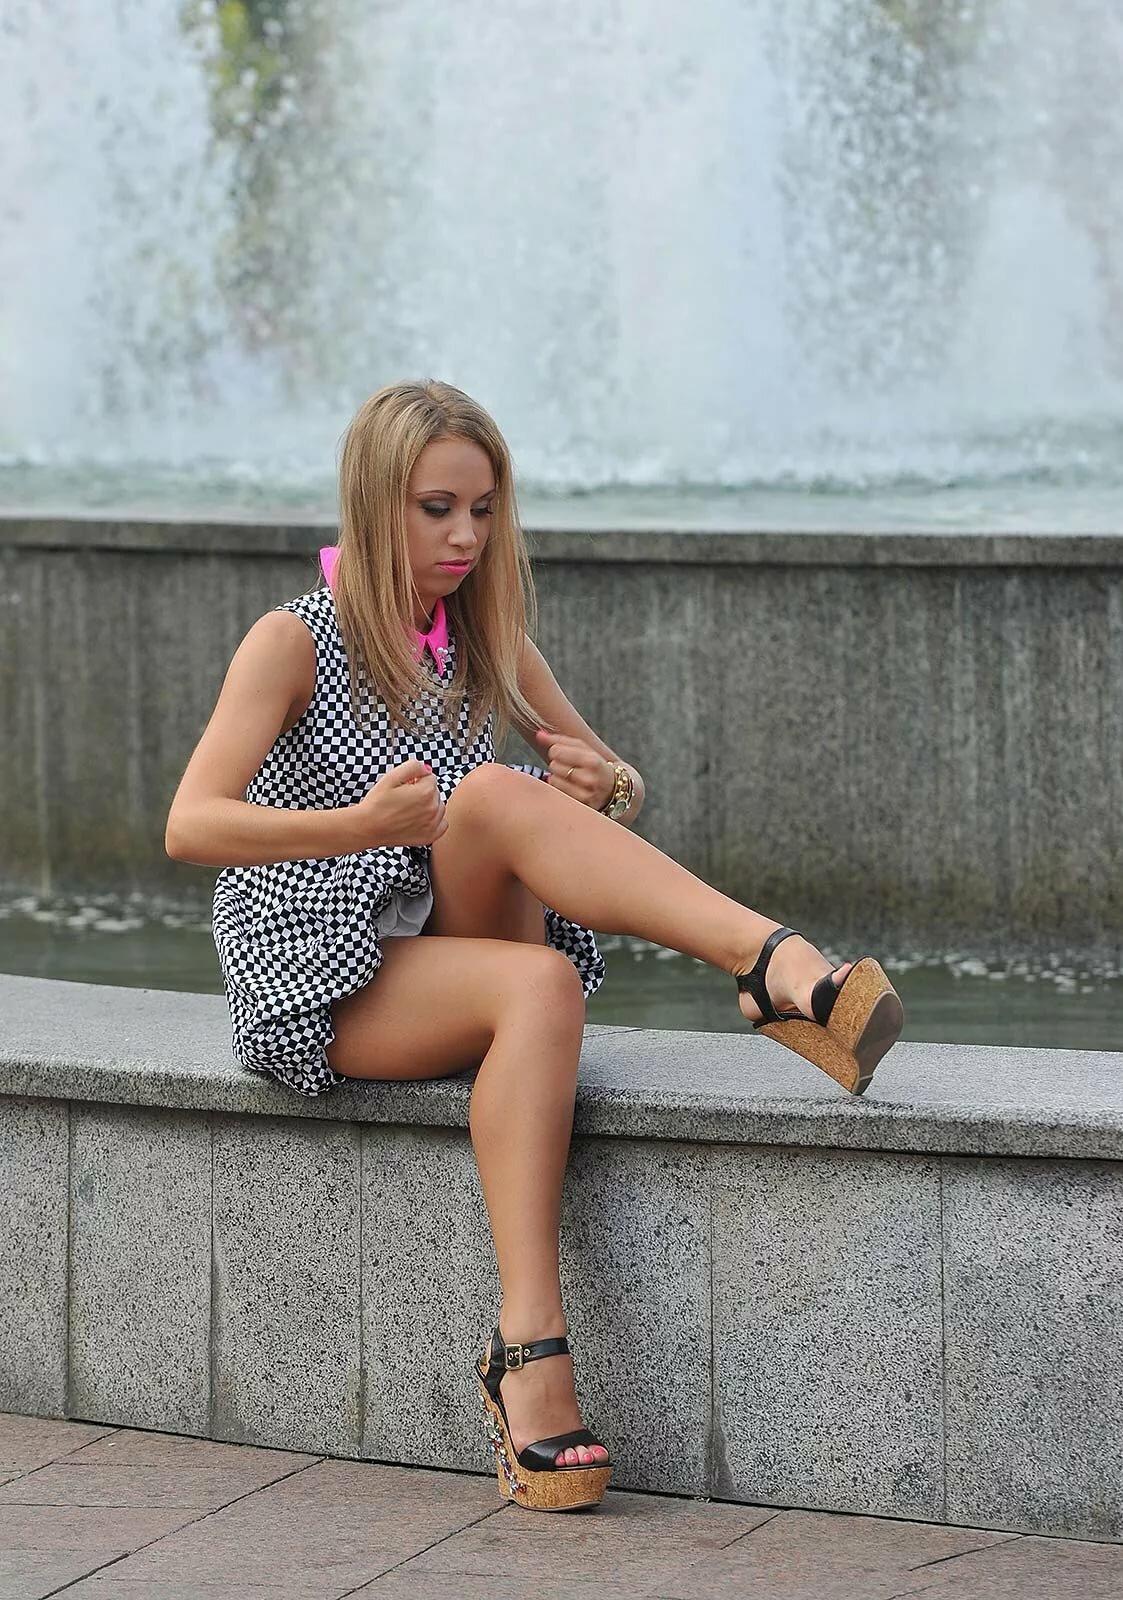 частное фото девушек на улицах города